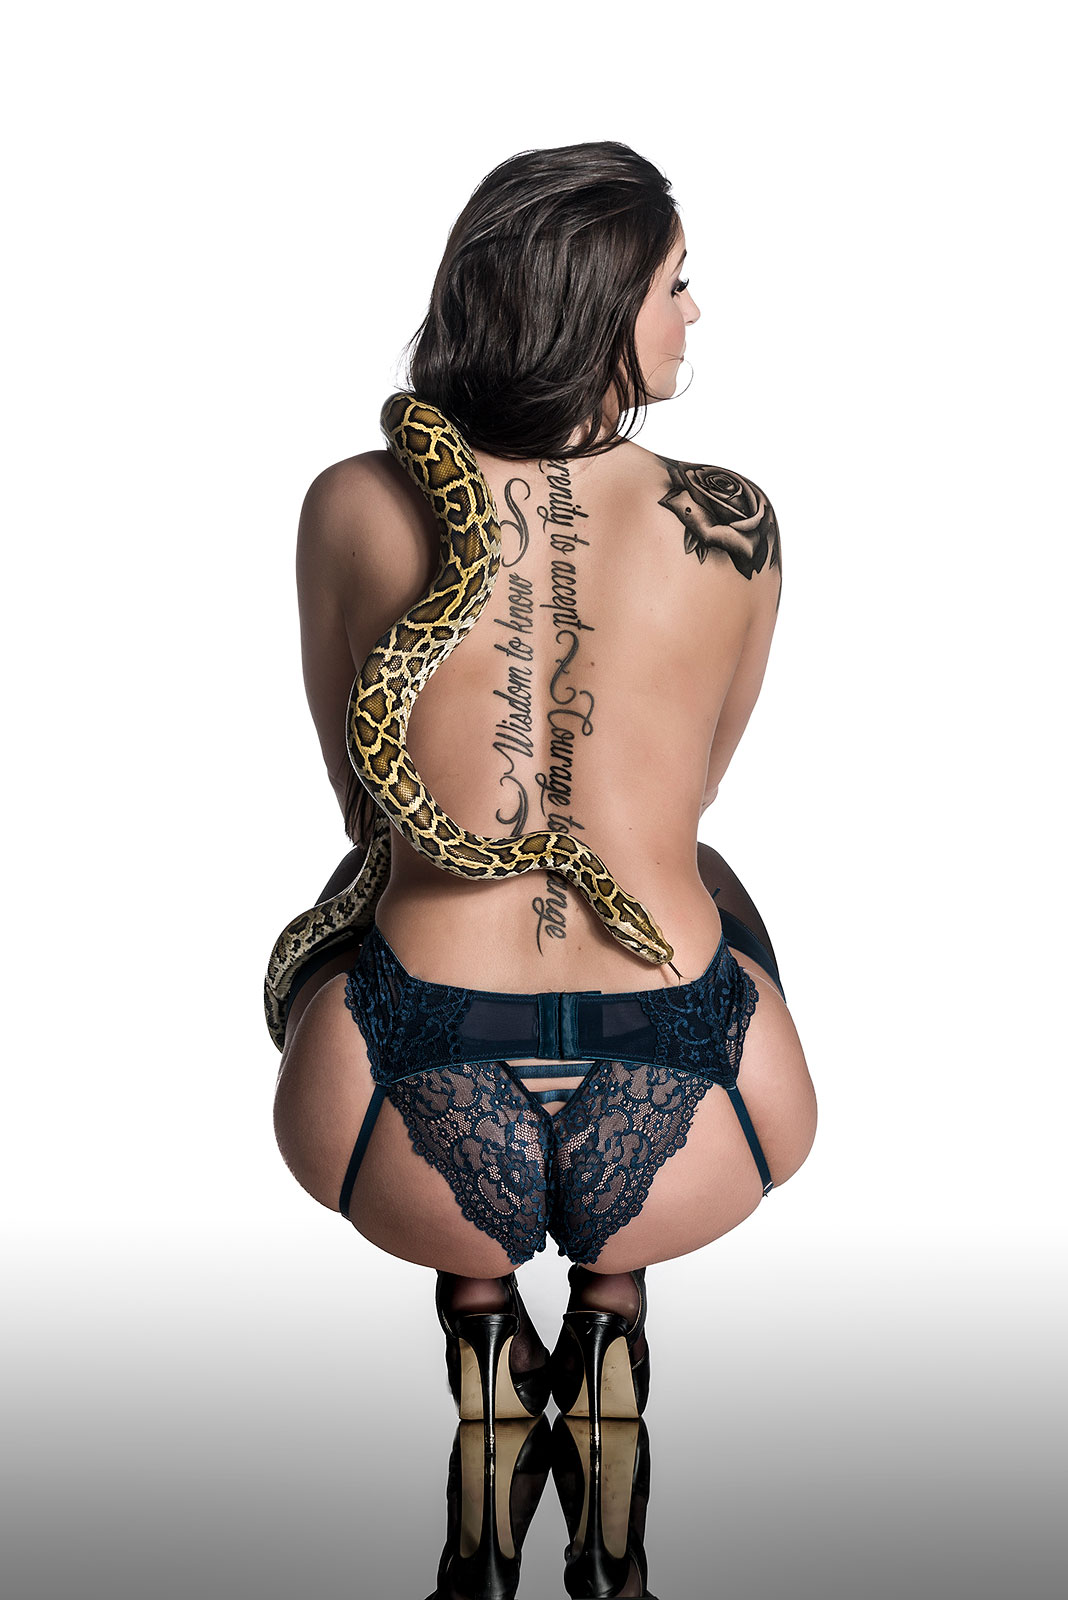 Shannon, deelneemster aan snakeshootevent